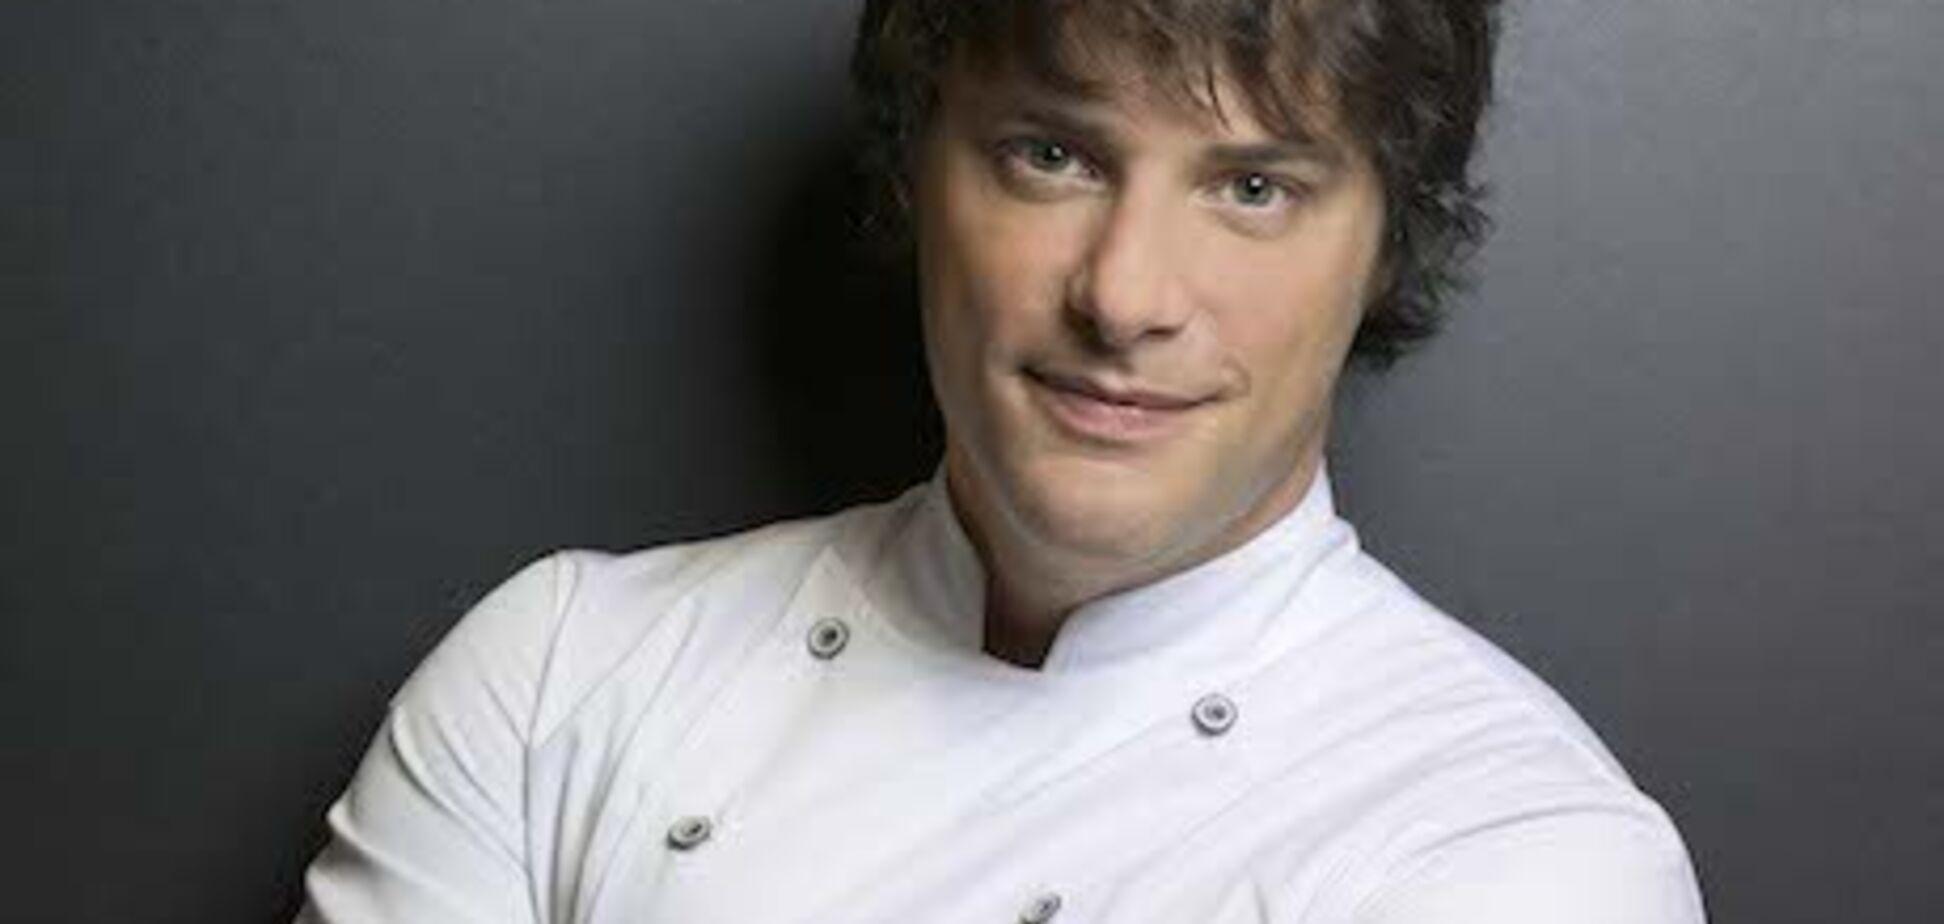 Жорди Круз: кто он и какие блюда приготовил на 'МастерШеф. Профессионалы' в Украине